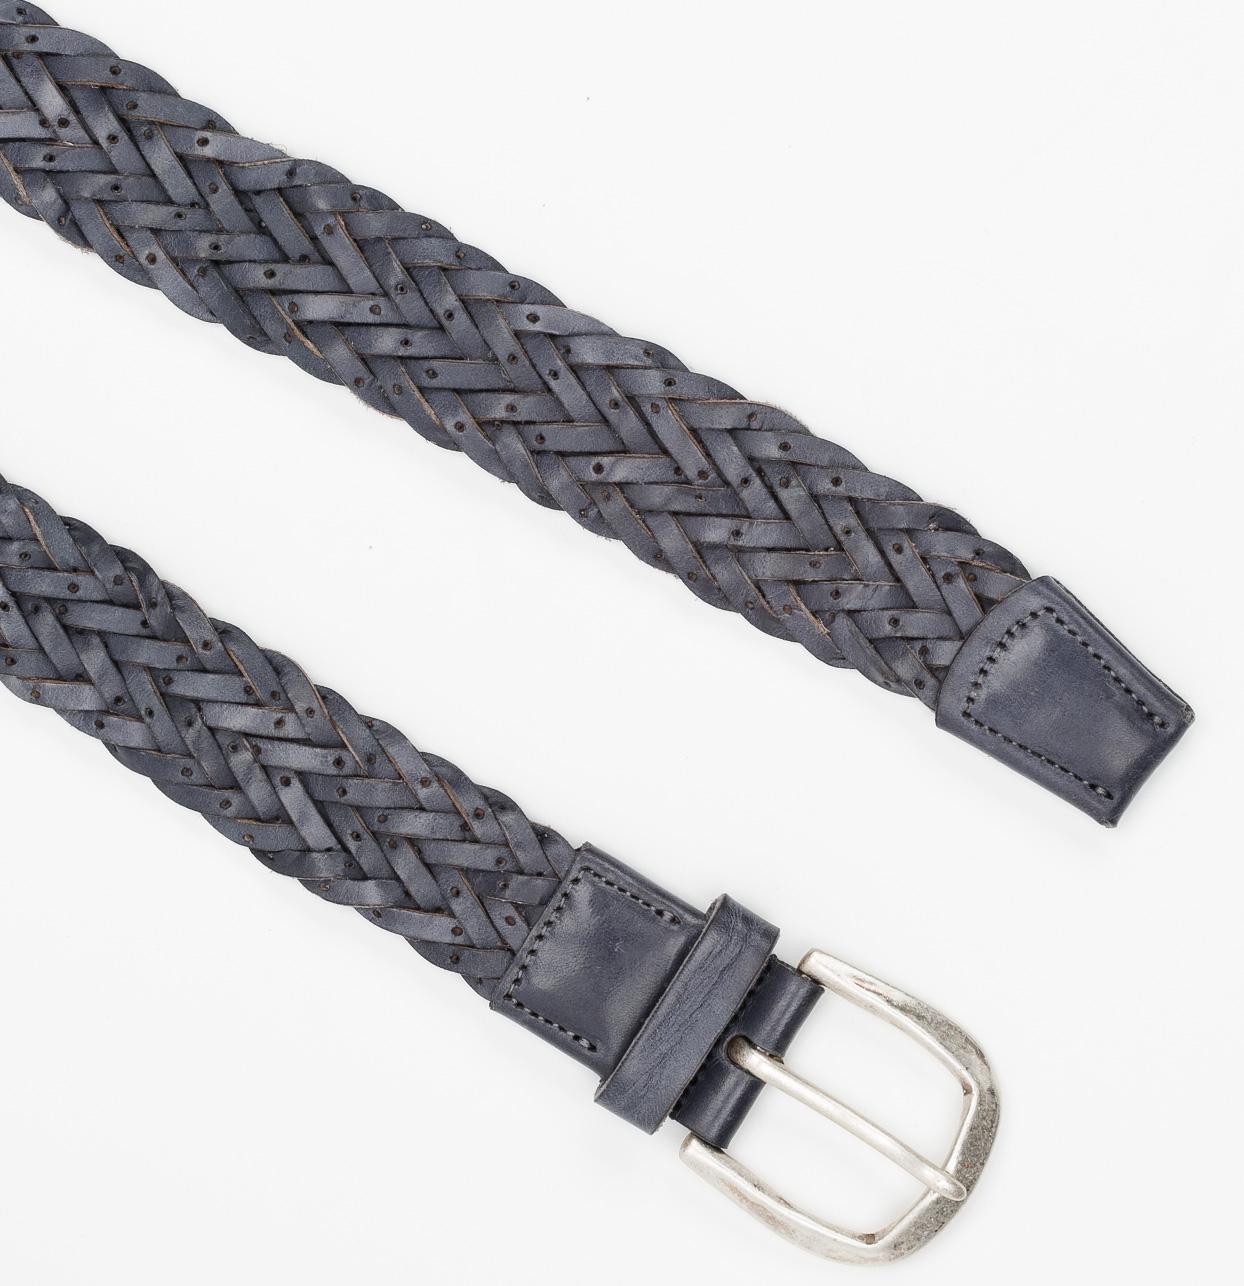 Cinturón Sport piel trenzada color gris, 100% piel. - Ítem1